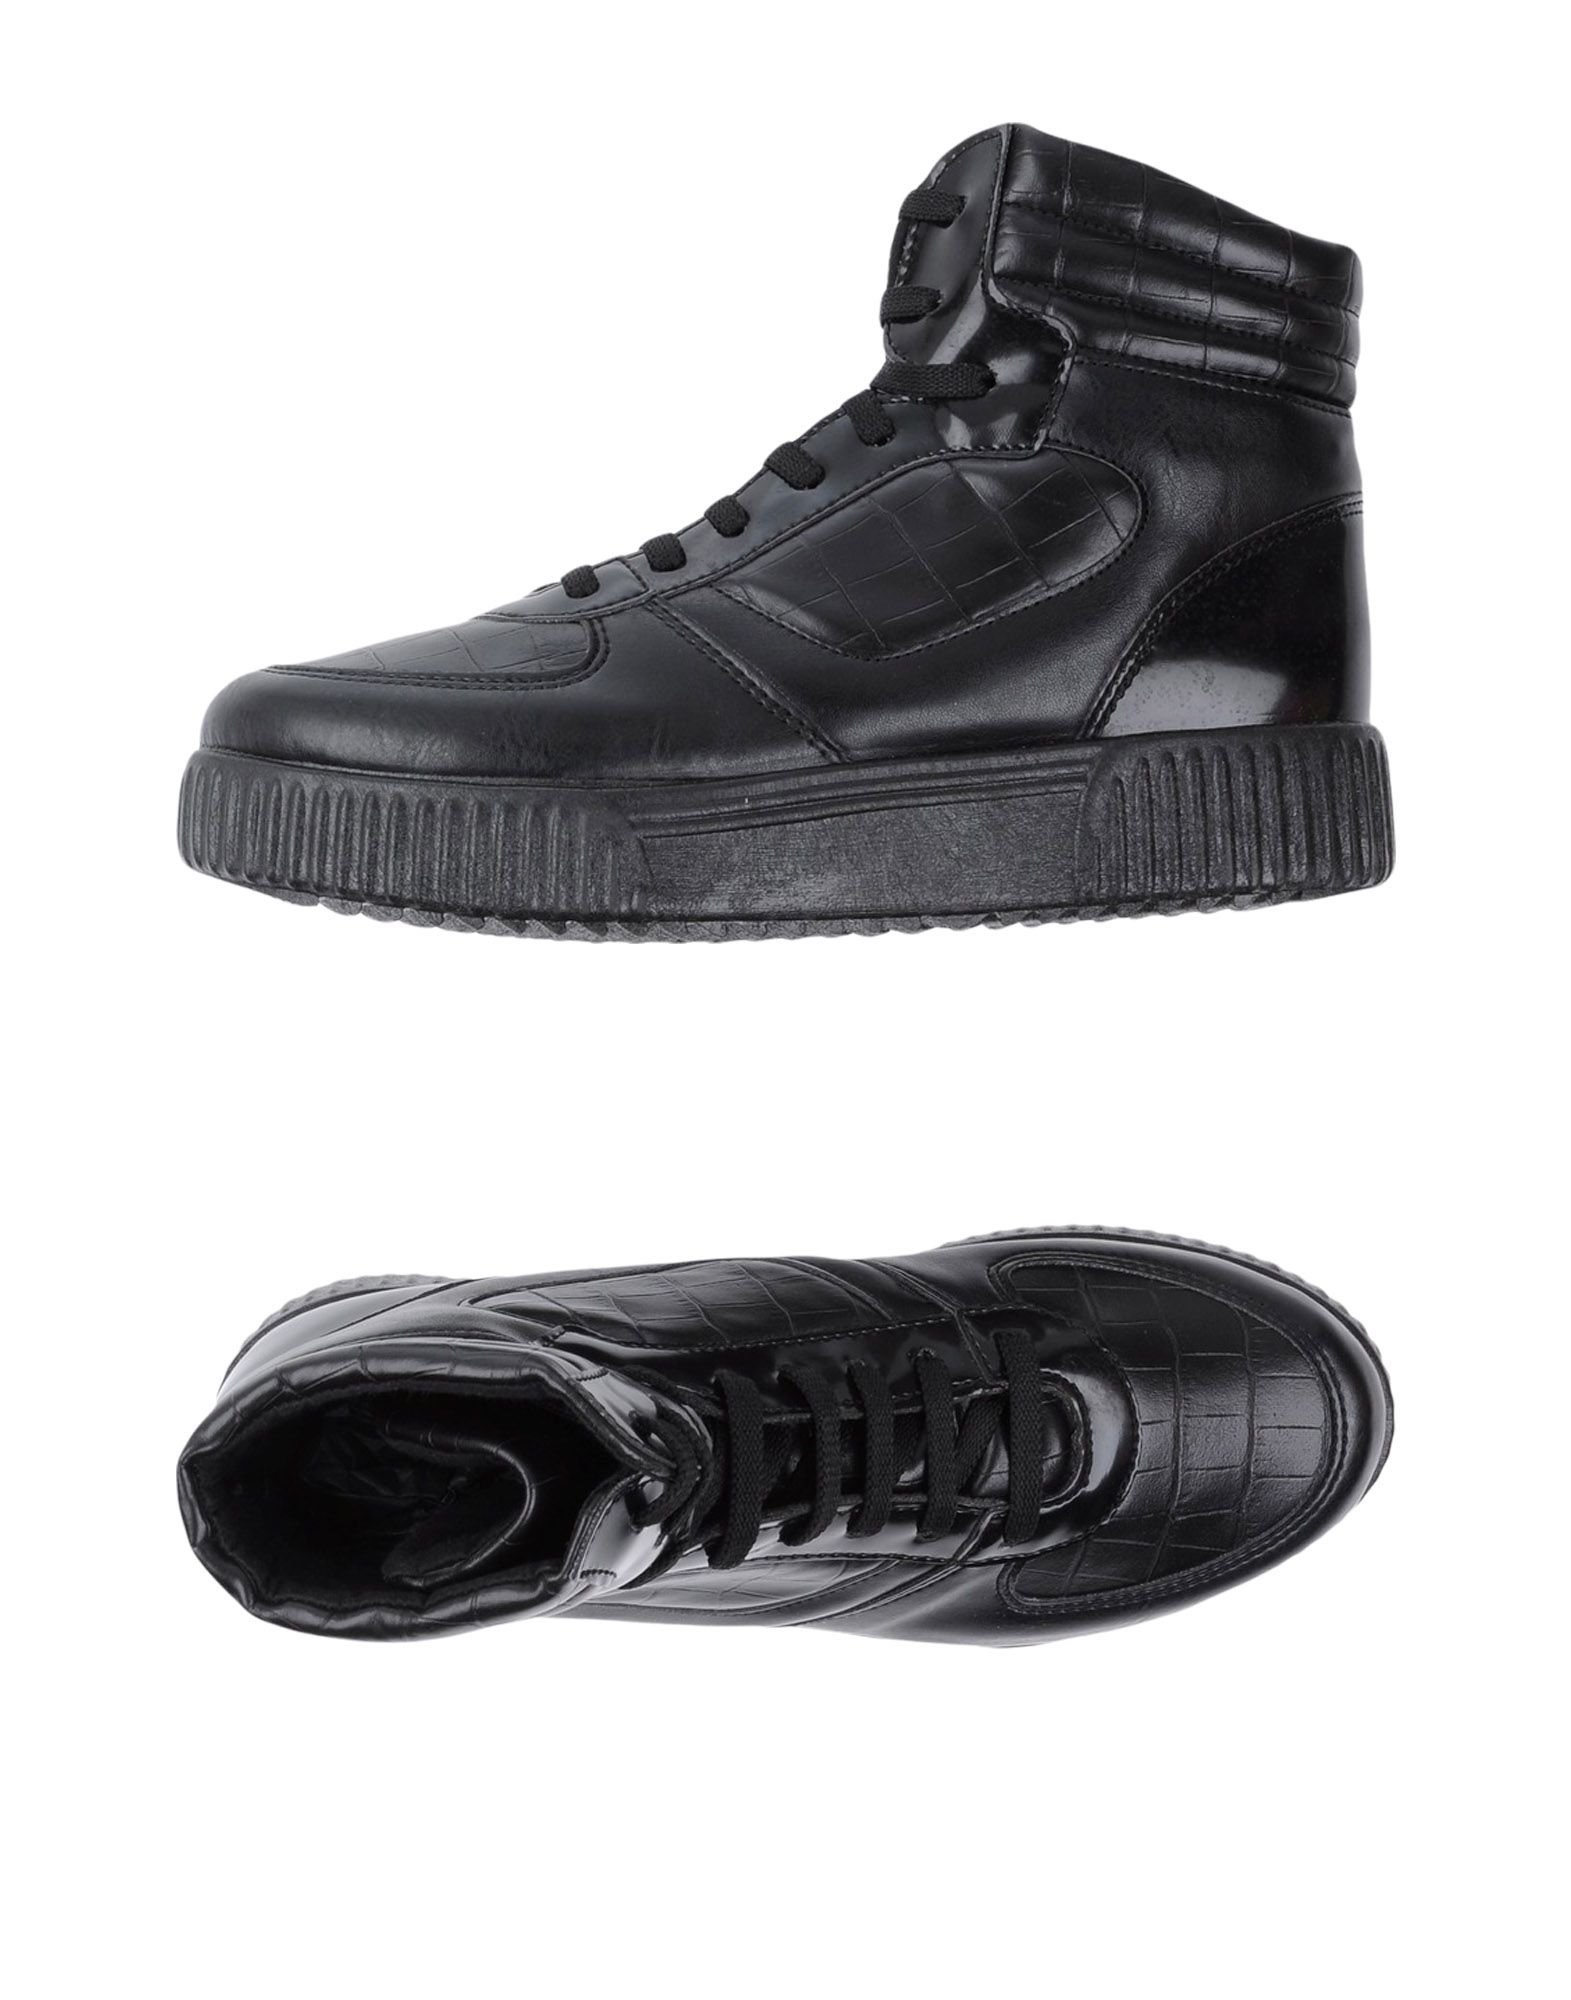 Zapatillas Primadonna Mujer - Zapatillas Primadonna Primadonna Zapatillas  Negro a57234